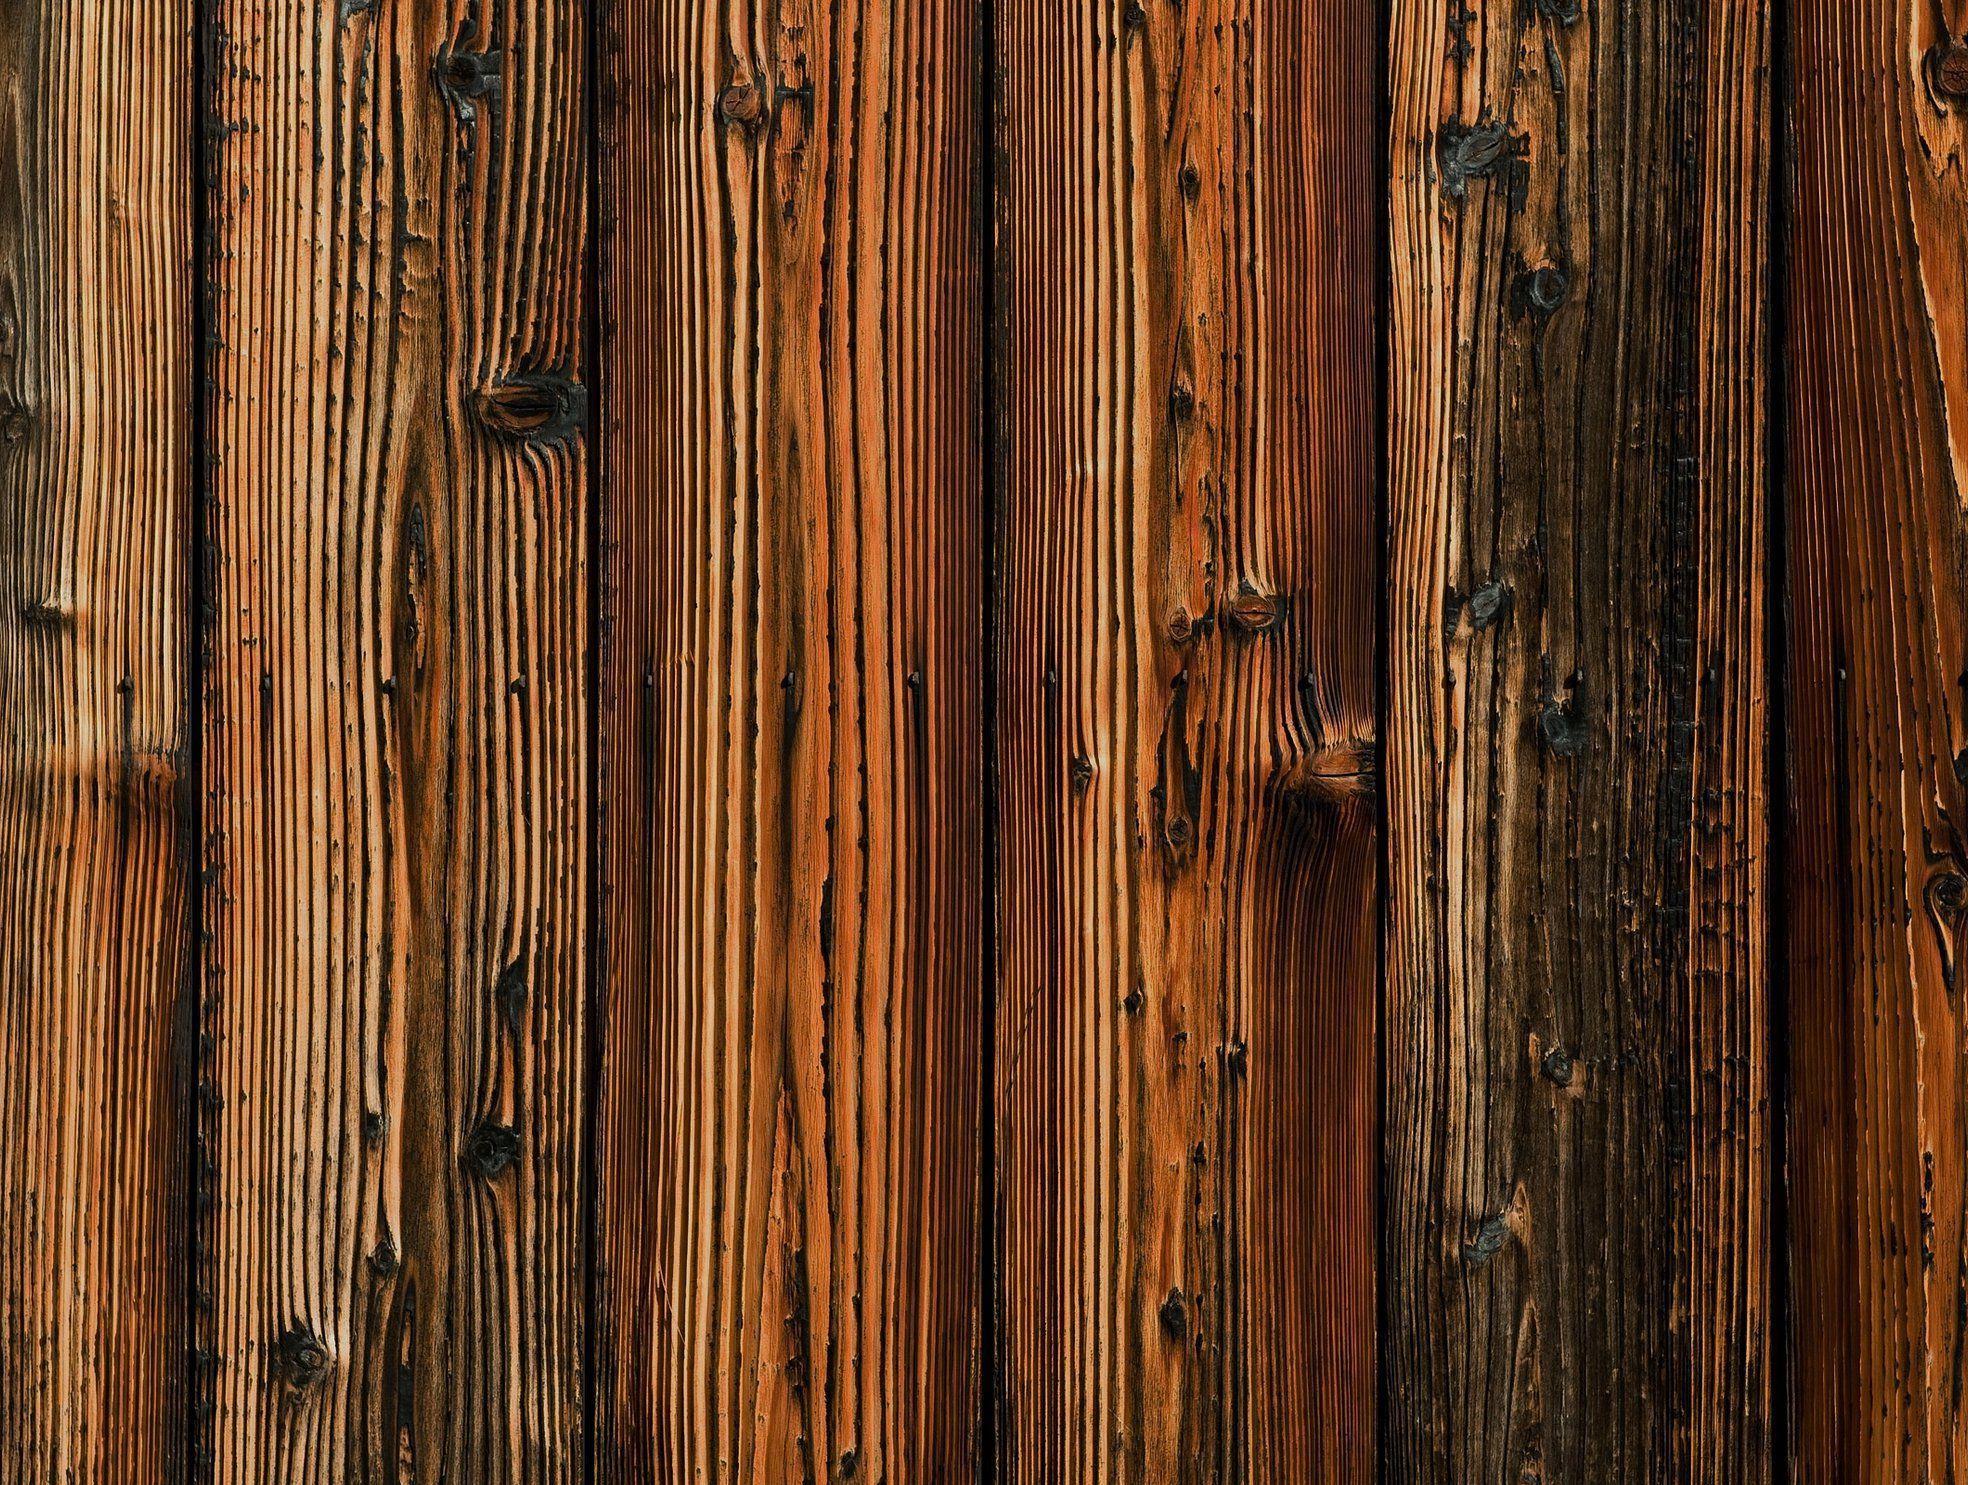 Textura rustica buscar con google ideas cuadros - Patios rusticos ...